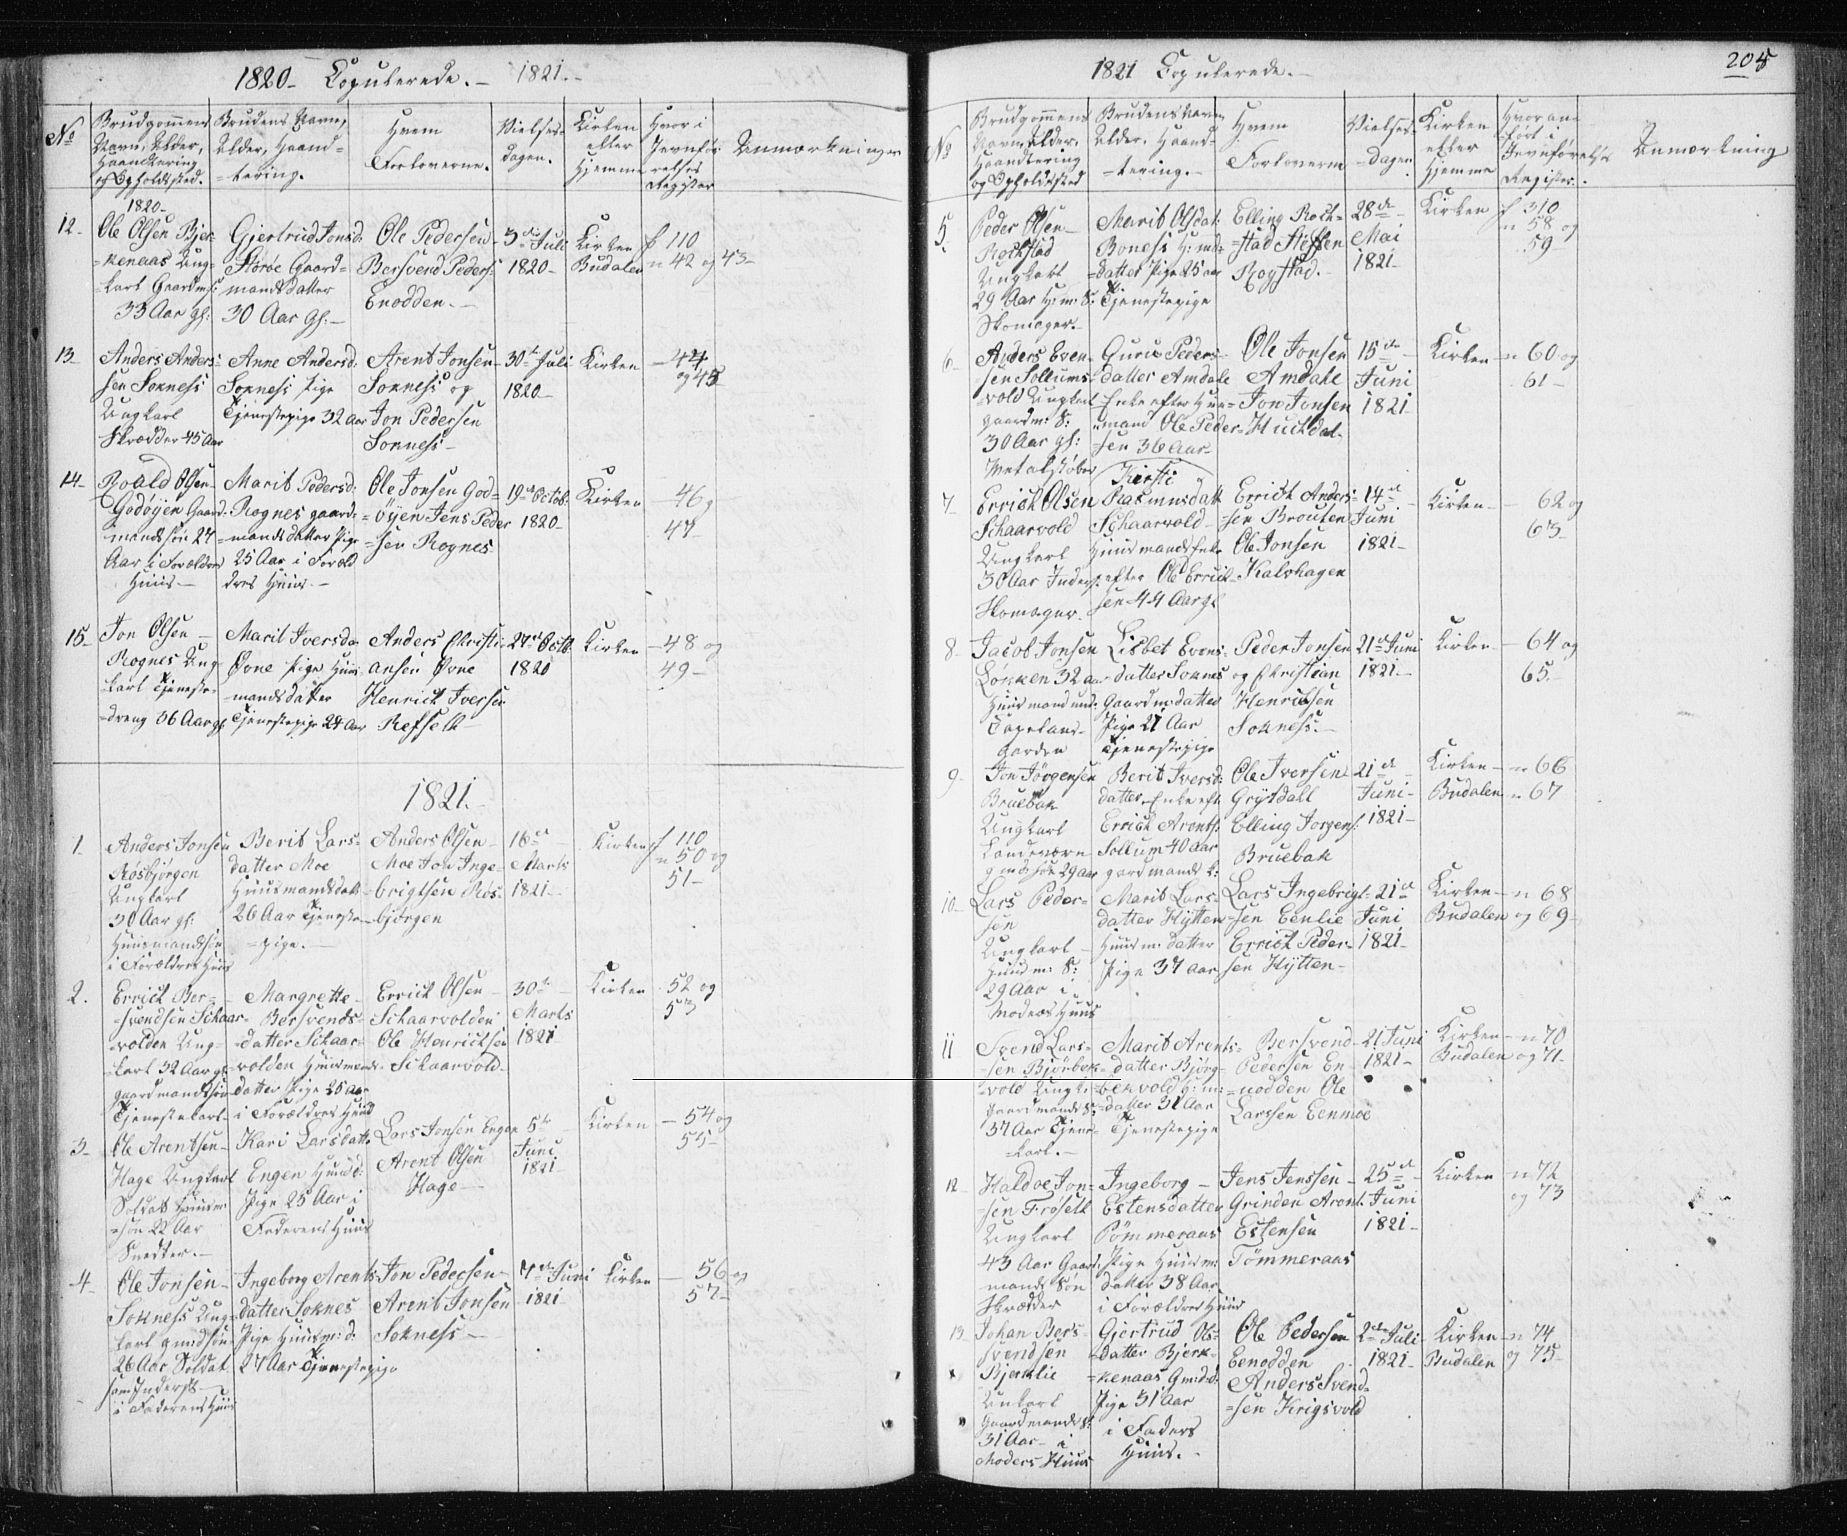 SAT, Ministerialprotokoller, klokkerbøker og fødselsregistre - Sør-Trøndelag, 687/L1017: Klokkerbok nr. 687C01, 1816-1837, s. 205